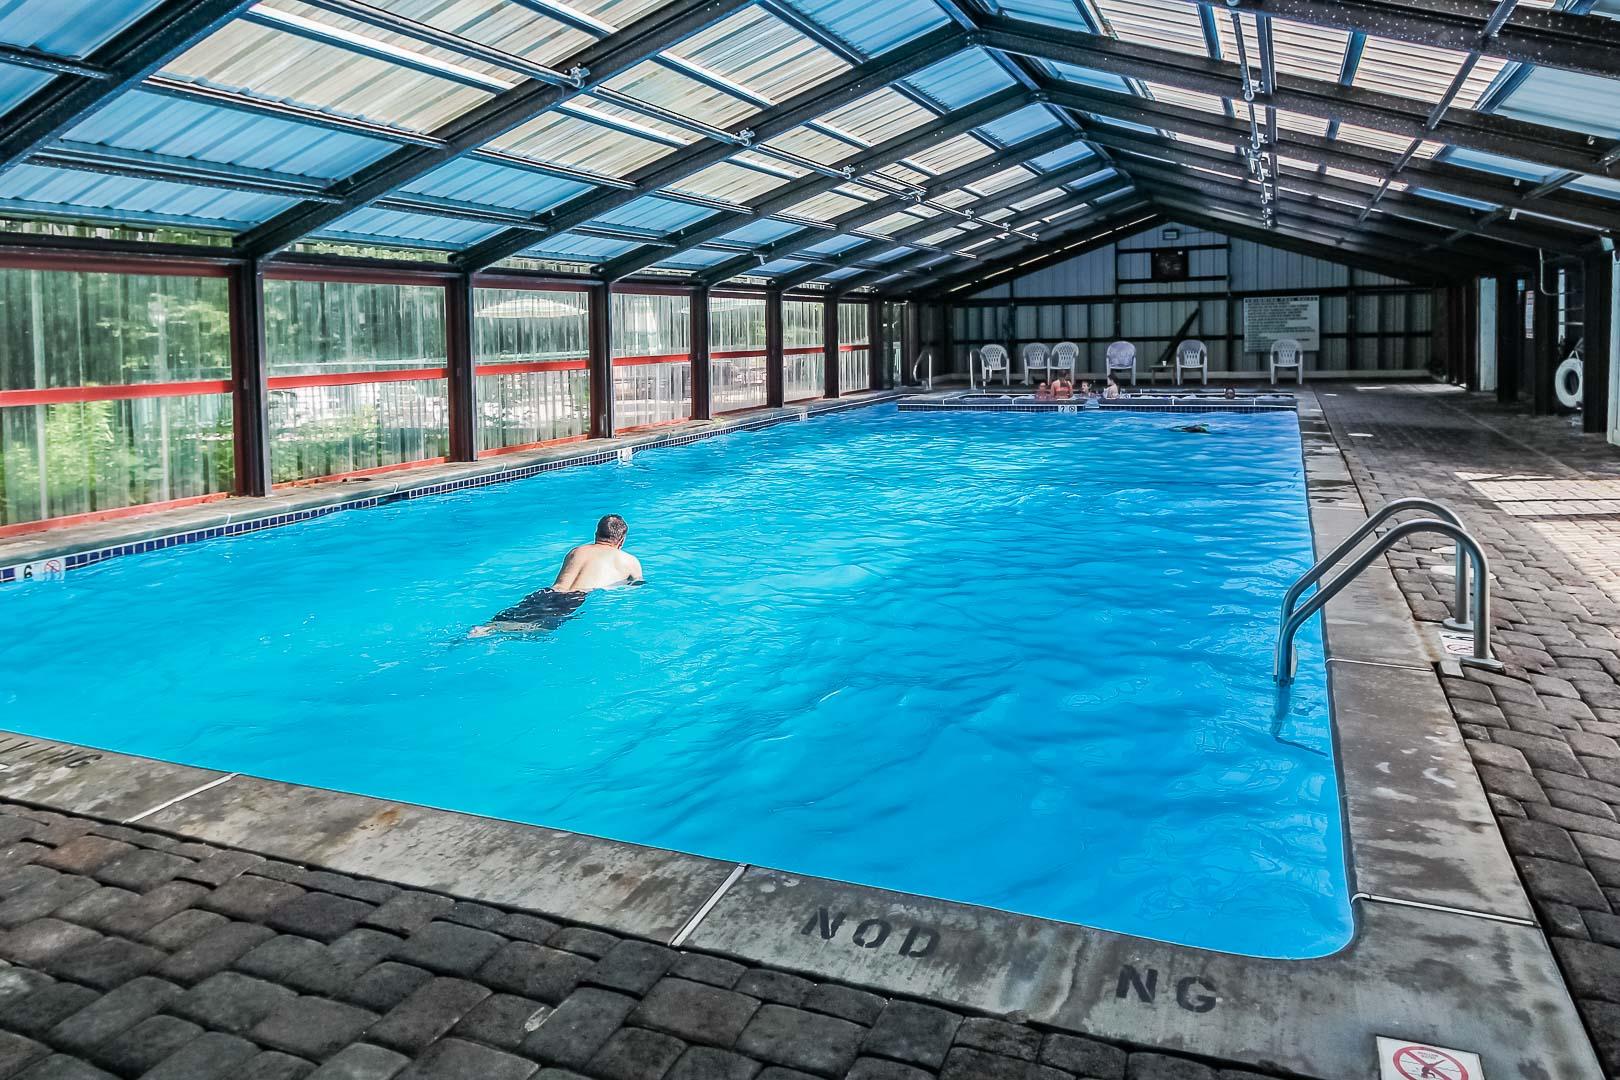 A spacious indoor swimming pool at VRI's Alpine Crest Resort in Georgia.